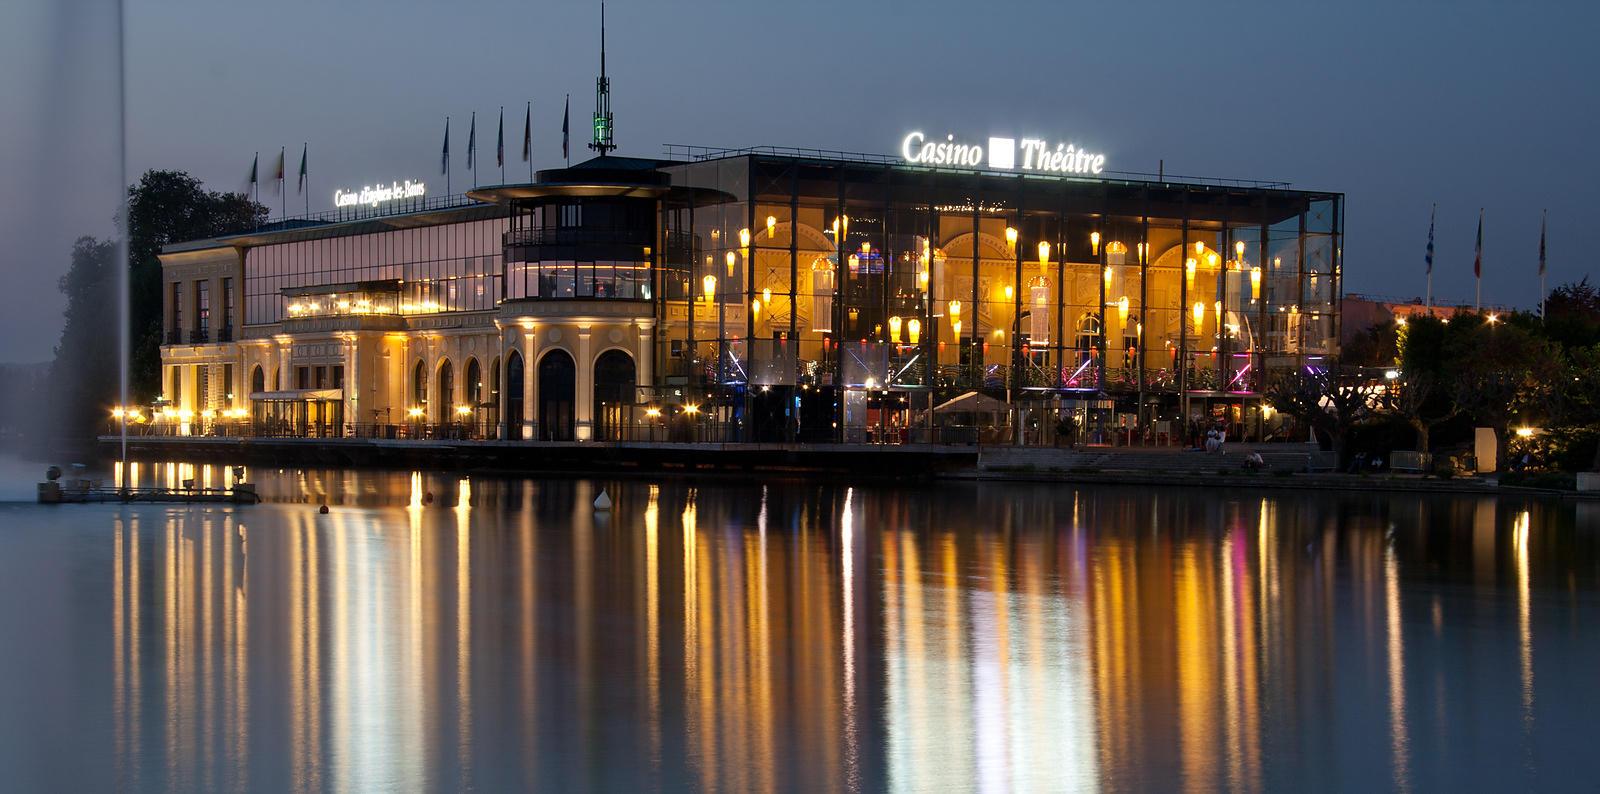 Casino Enghien